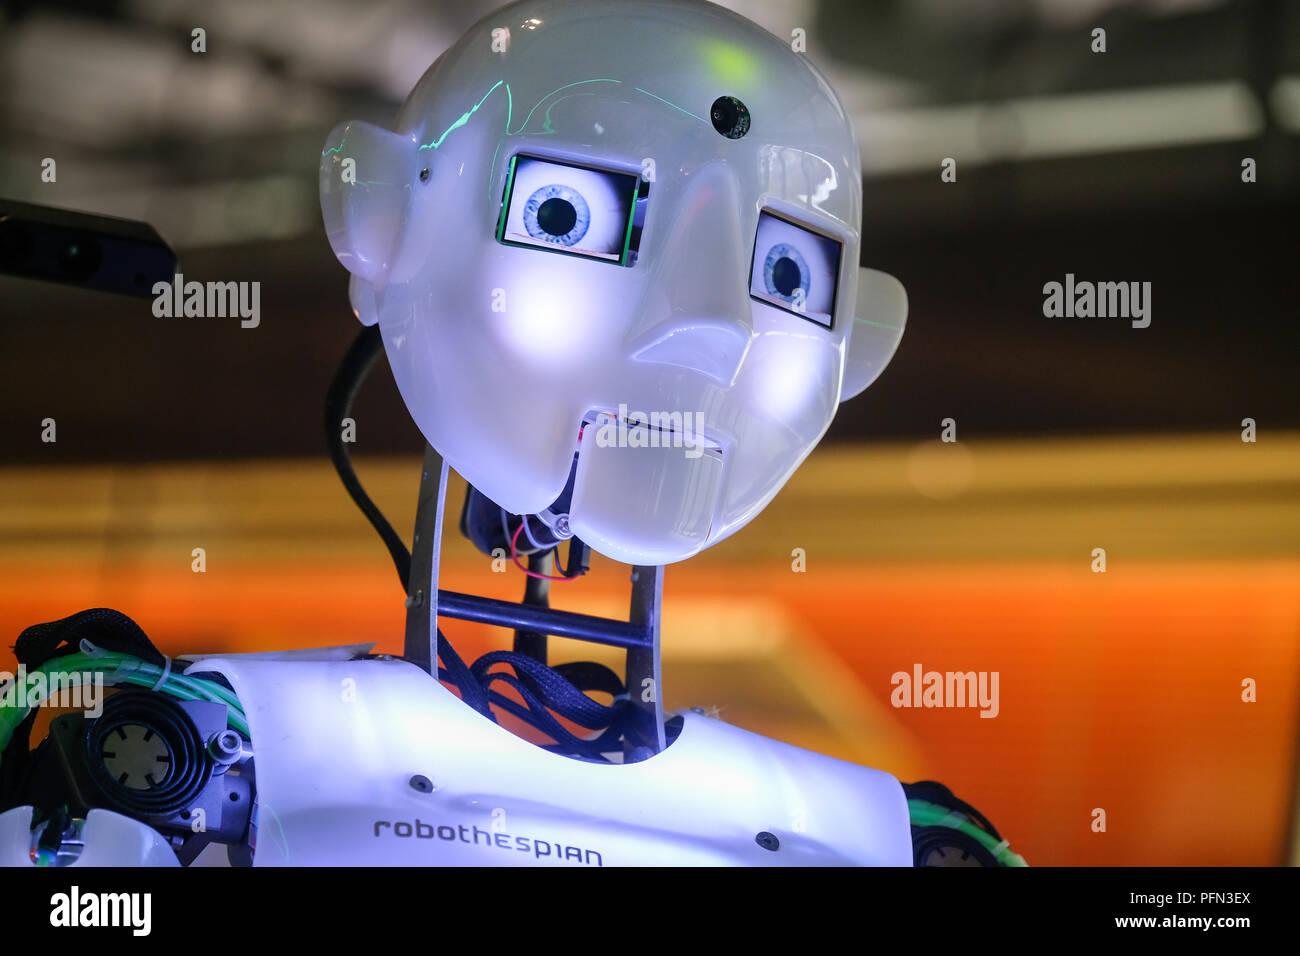 Chef d'un des humanoïdes parlant, chantant et dansant robot à l'intelligence artificielle à l'Heinz Nixdorf MuseumsForum (HNF) dans la région de Paderborn, Allemagne Photo Stock